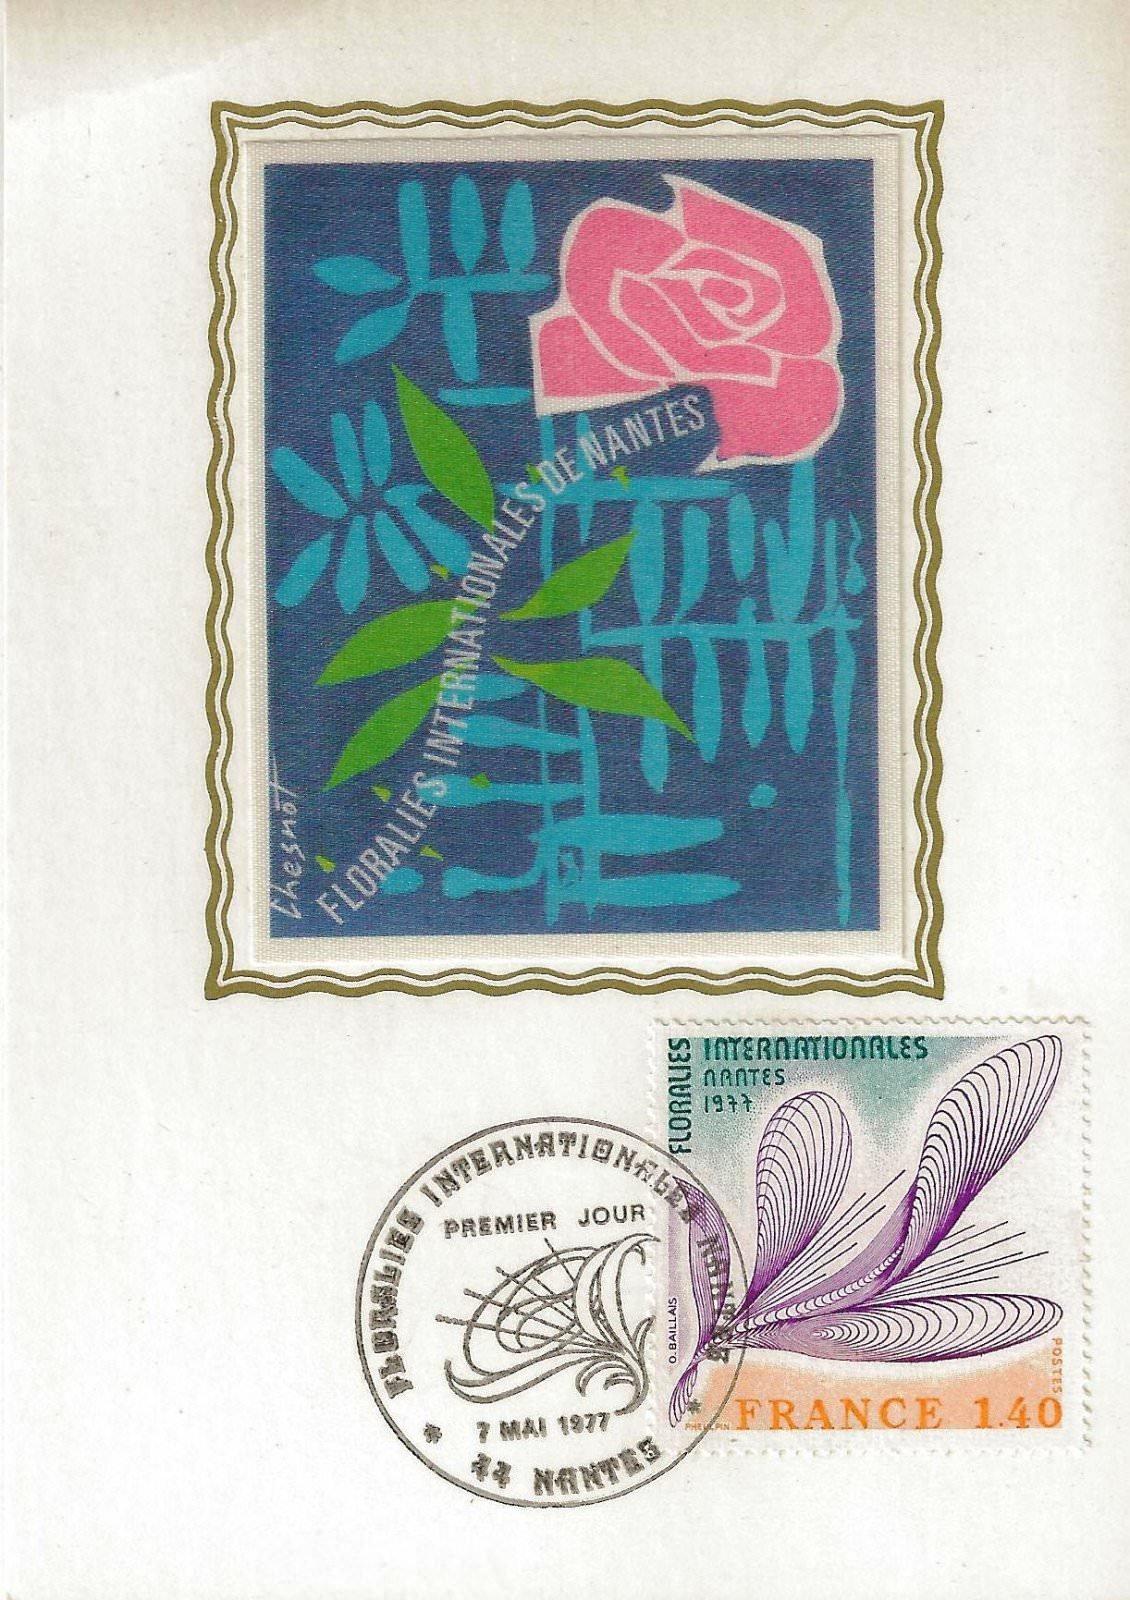 1977floraliesNantes